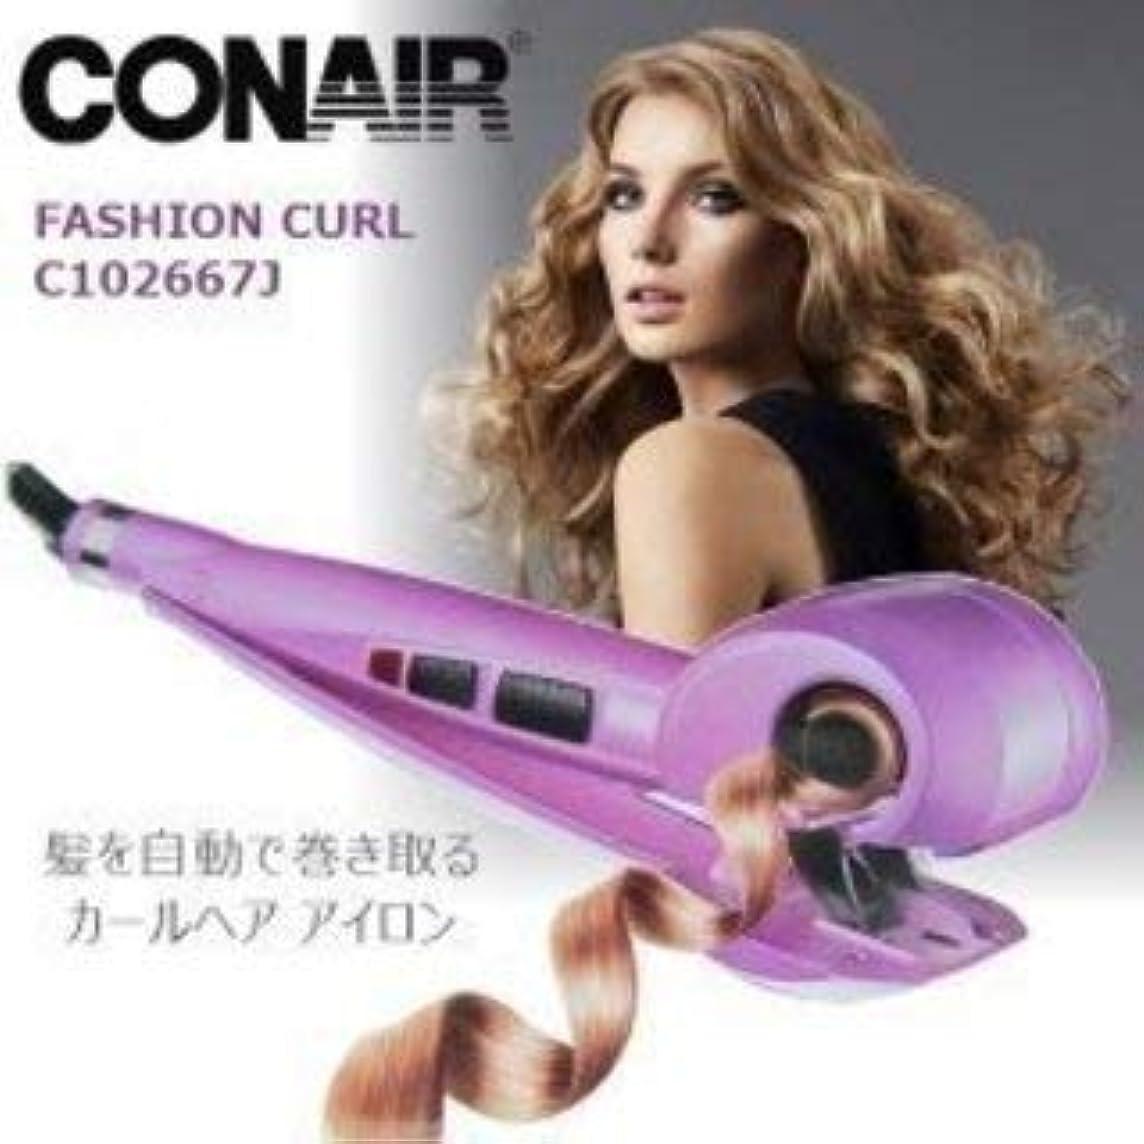 政策ロック解除留まるCONAIR(コンエアー) ファッション カール C102667J